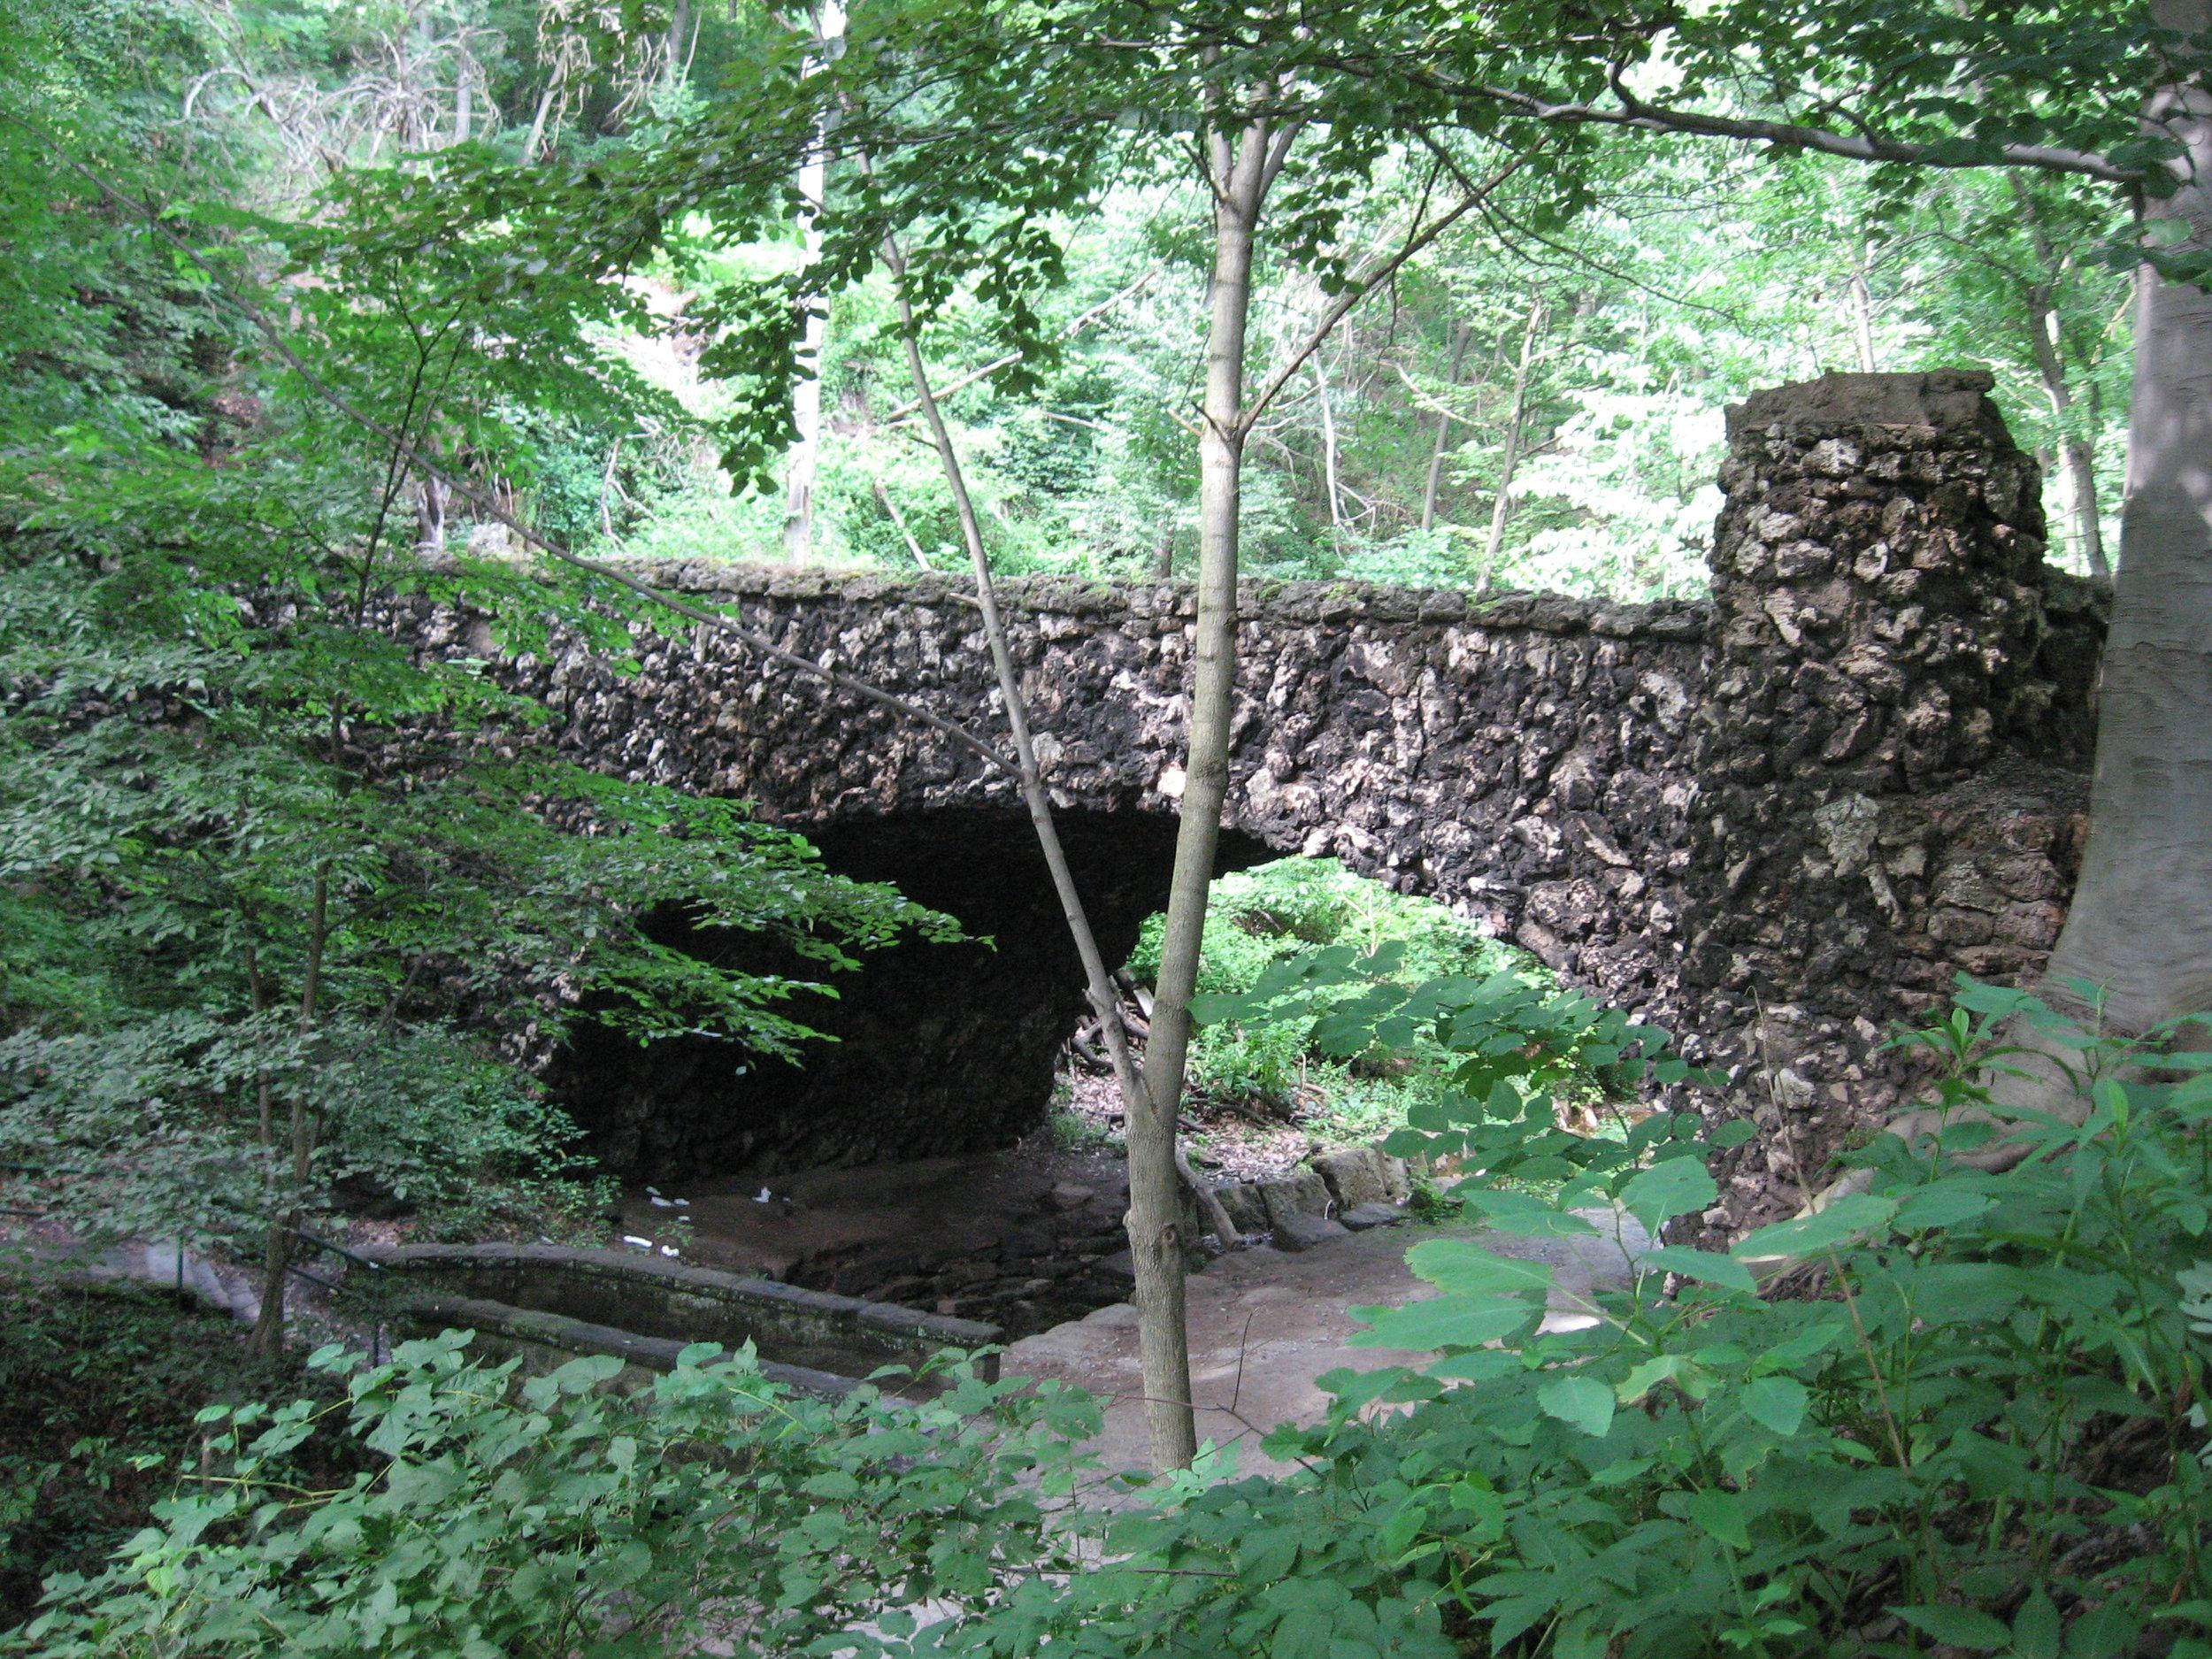 Cobblestone_Bridge_in_Schenley_Park_Pittsburgh.jpg